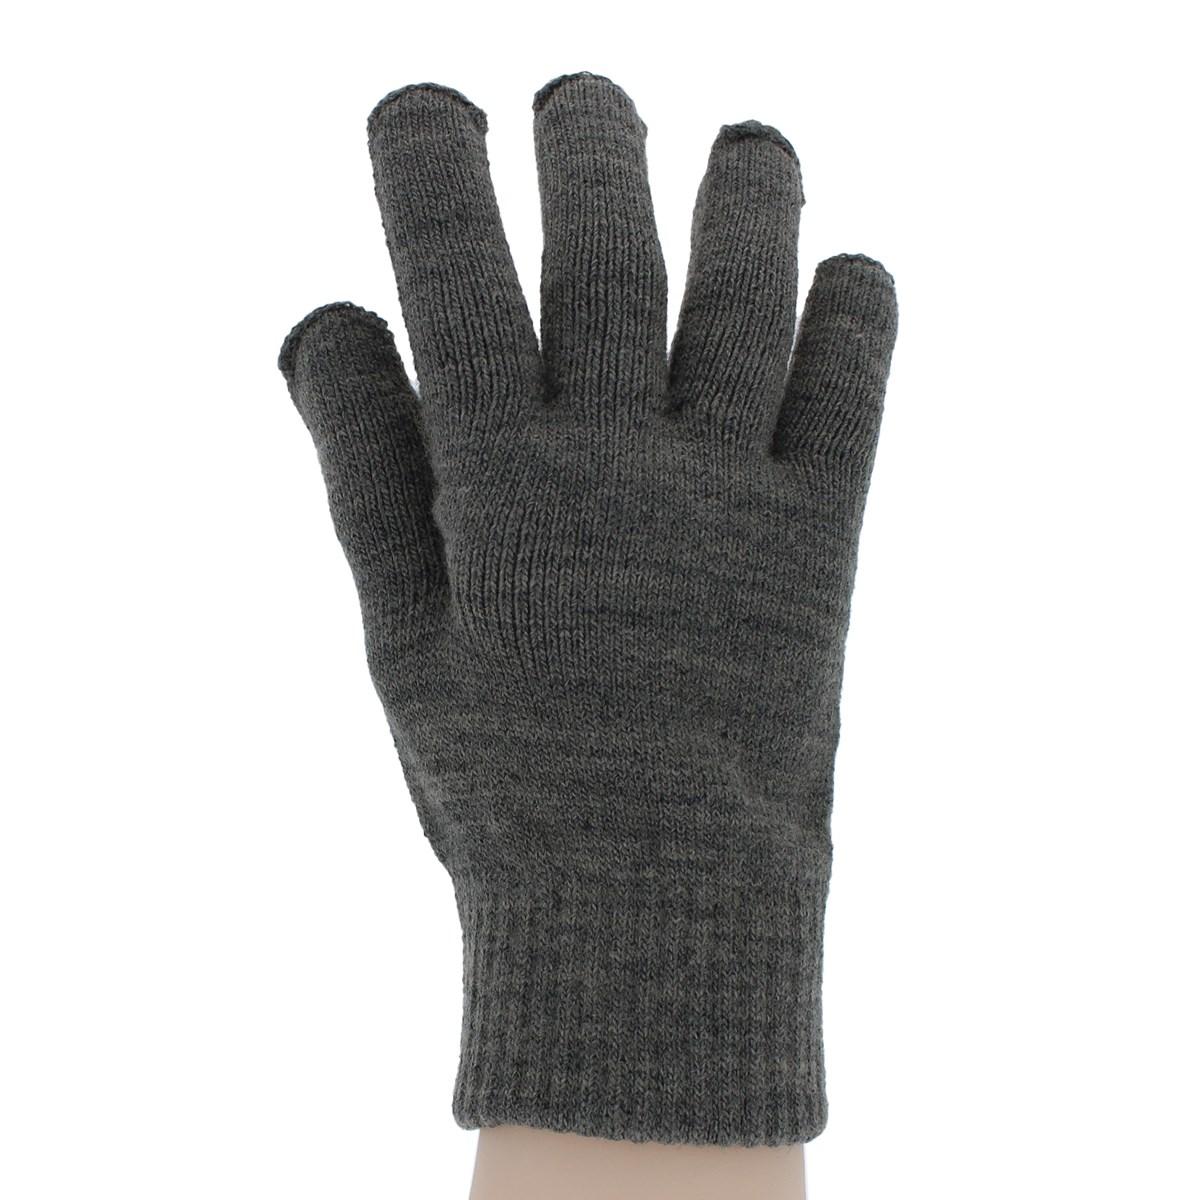 【スマホ対応】YUBIDERU ユビデル メンズ ニット手袋 抗菌防臭 指先が出る 遠赤外線 裏起毛 タッチパネル対応 滑り止め付 日本製 指紋認証ラクラク